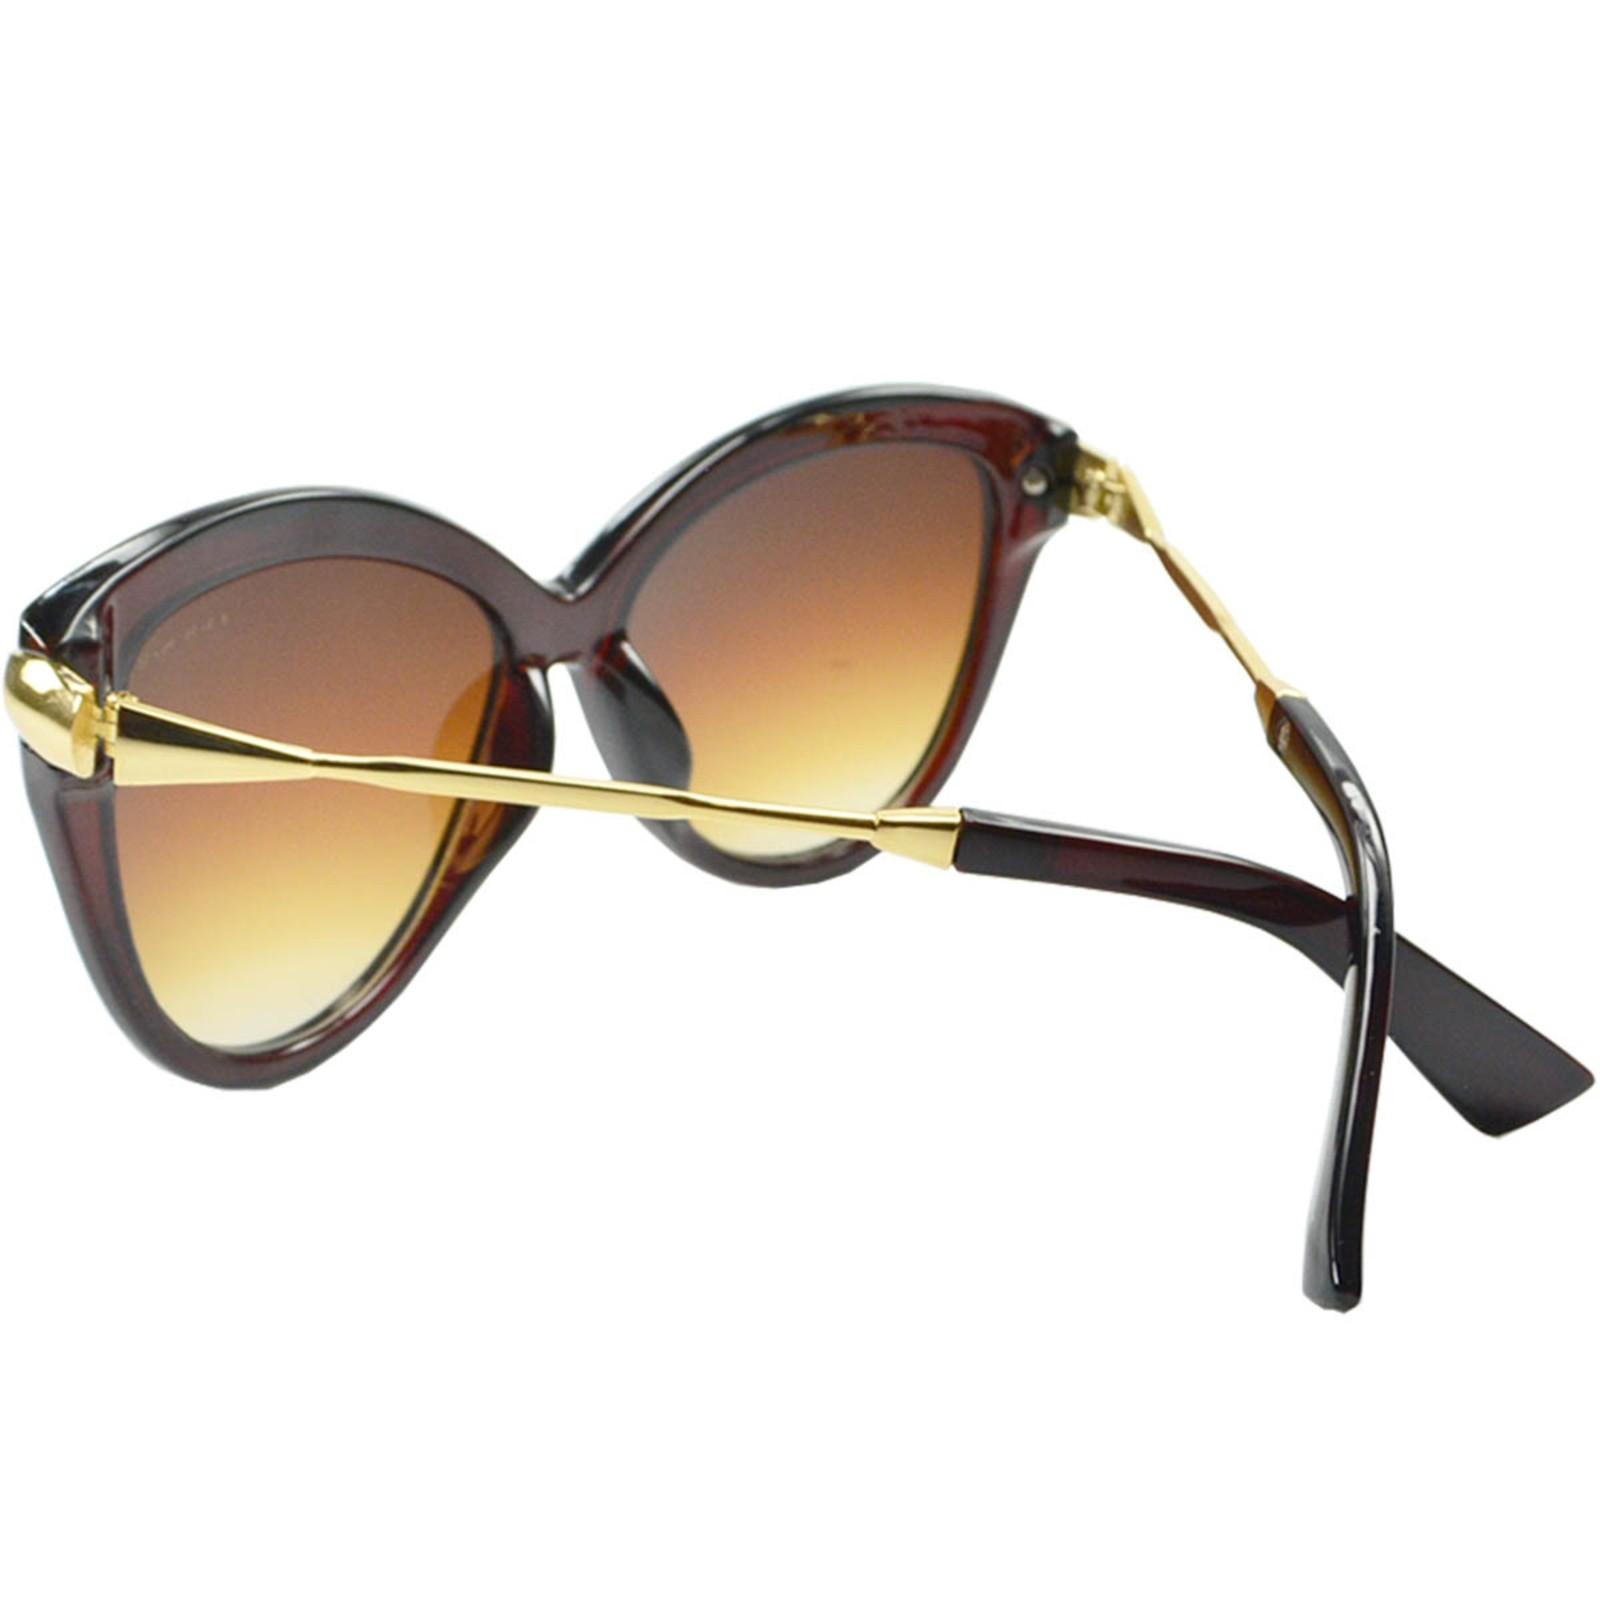 Óculos De Sol Mackage Feminino Acetato-Metal Gateado Marrom